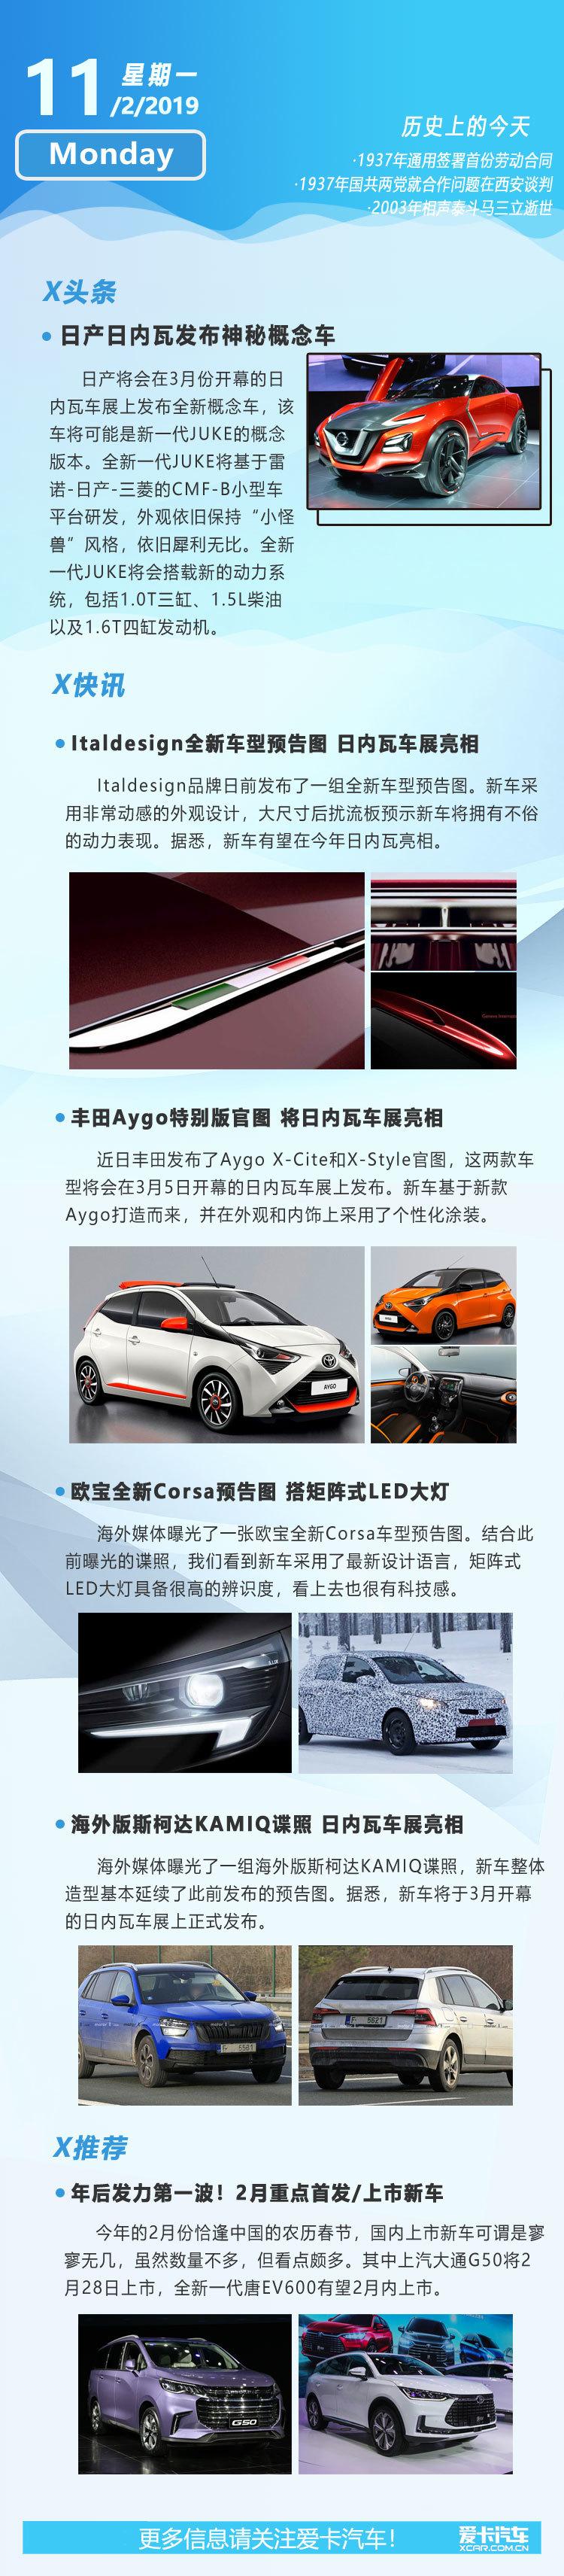 2月11日早报 日产新车型海外版KAMIQ等